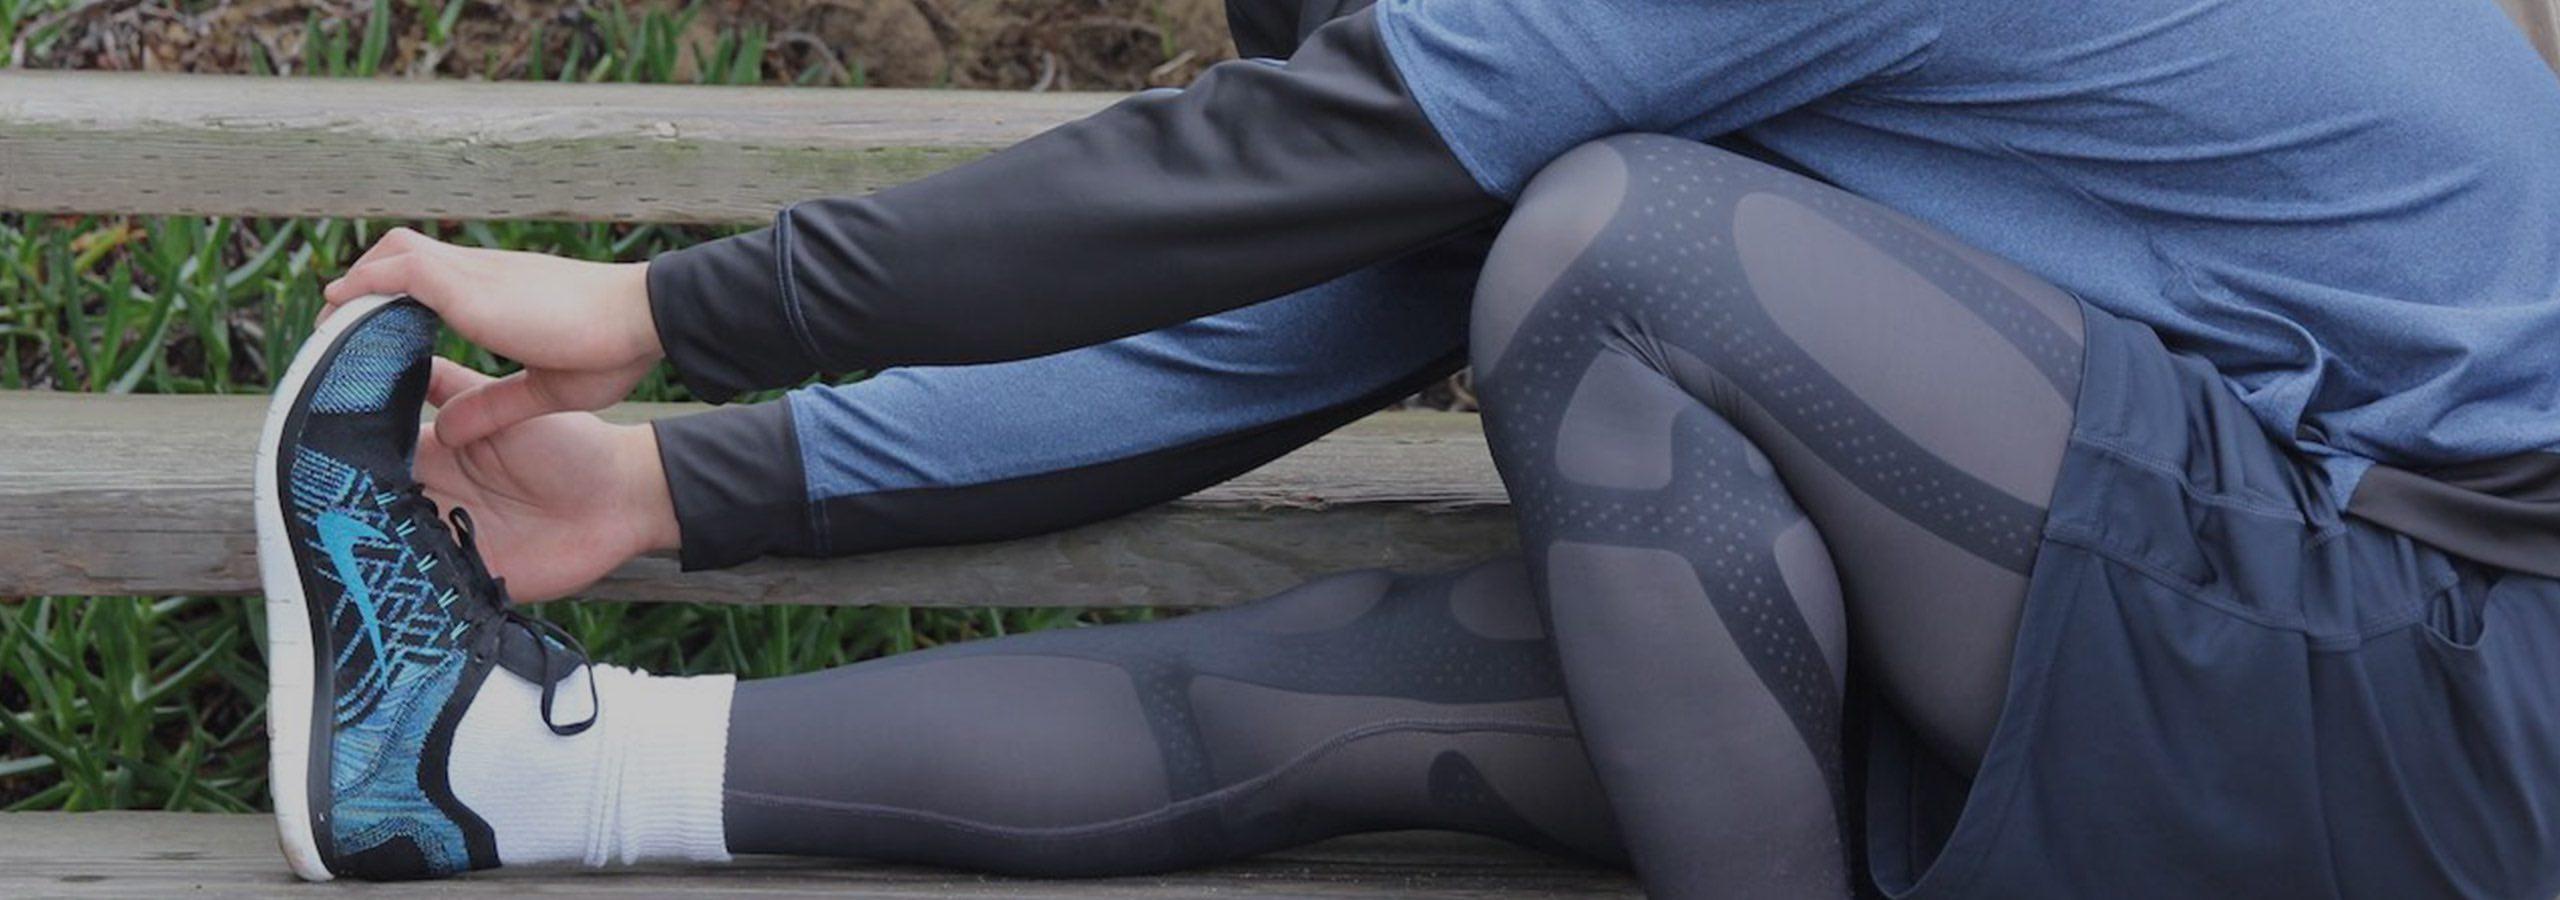 Unisex-Knee-Sleeves-150